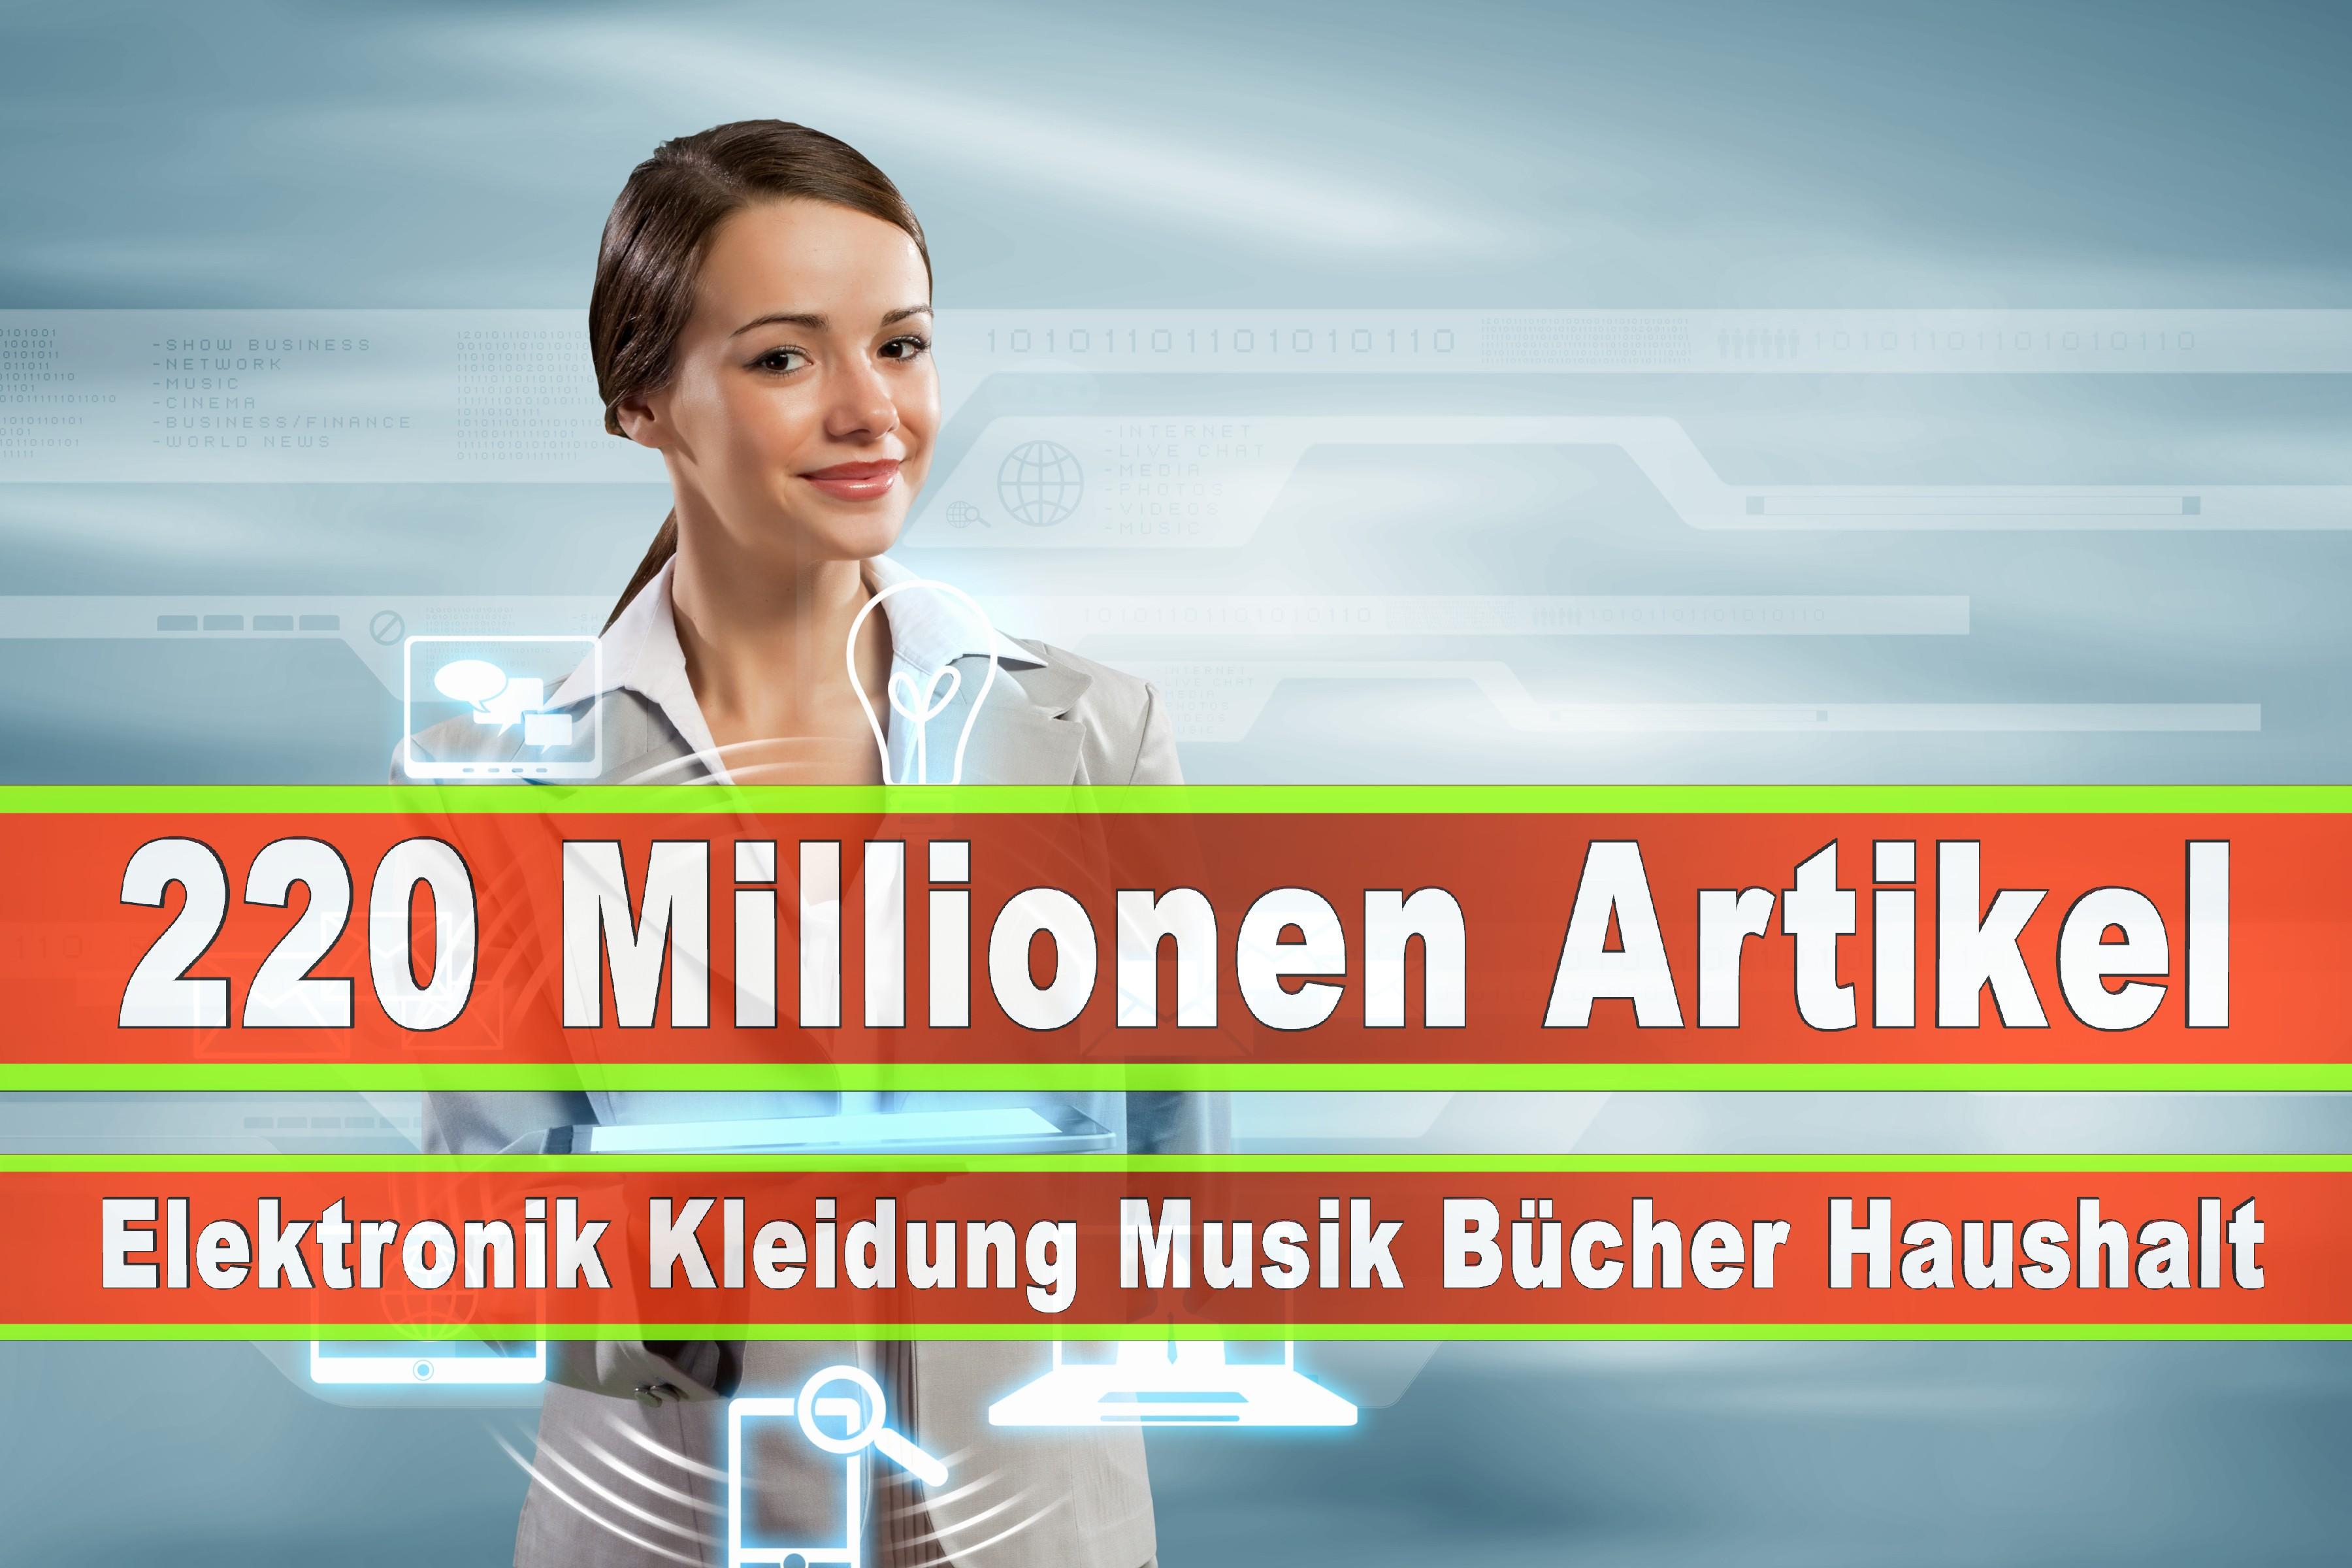 Amazon Elektronik Musik Haushalt Bücher CD DVD Handys Smartphones TV Television Fernseher Kleidung Mode Ebay Versandhaus (39)